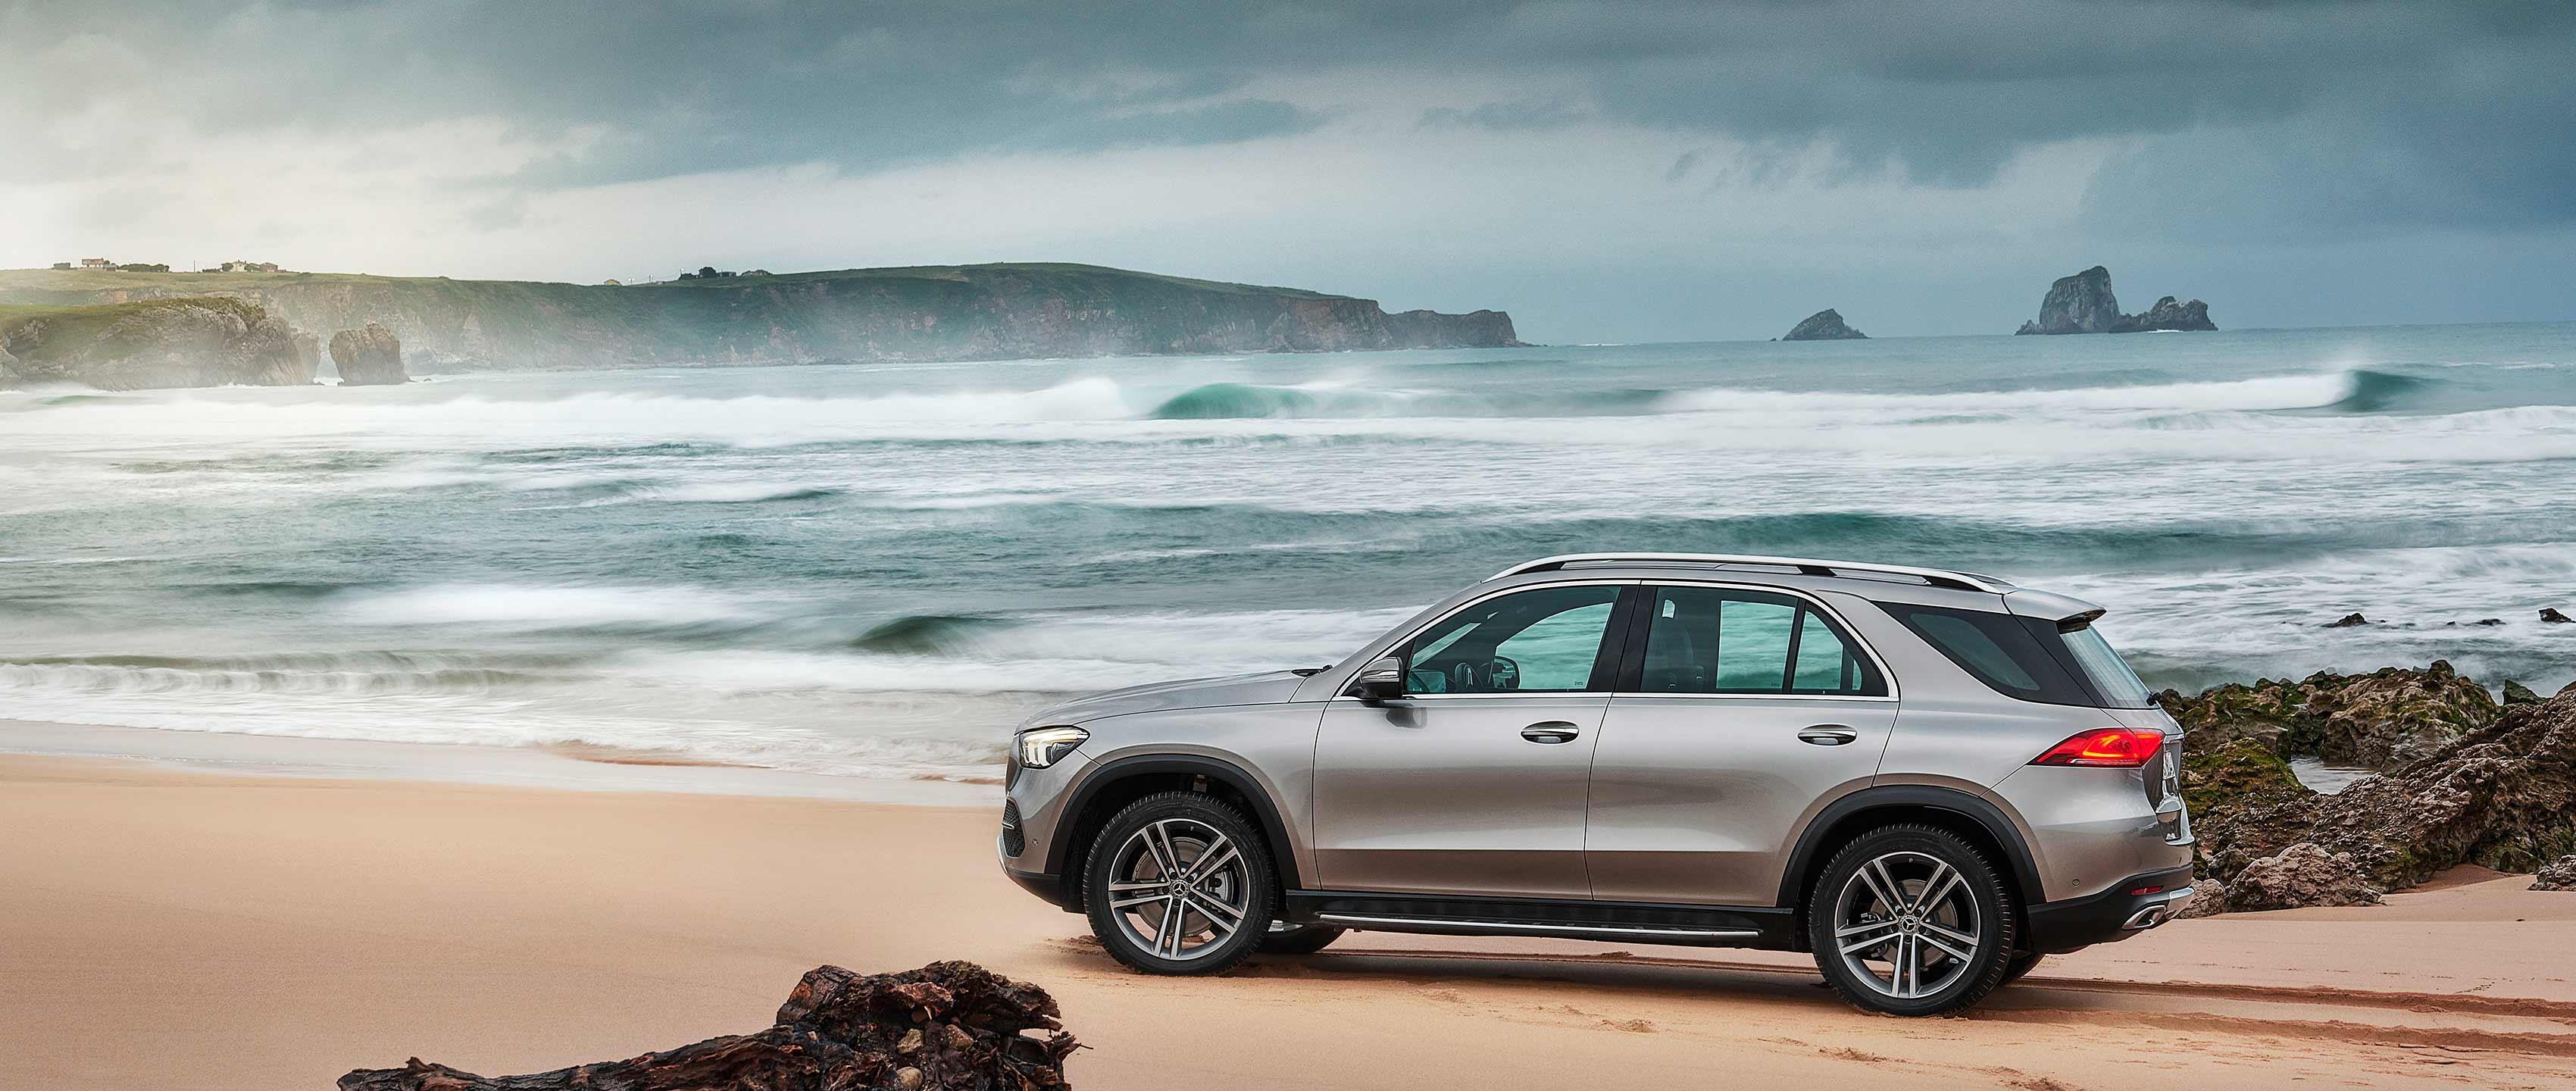 Новый Mercedes–Benz GLE 2018: функции и основные особенности дизайна